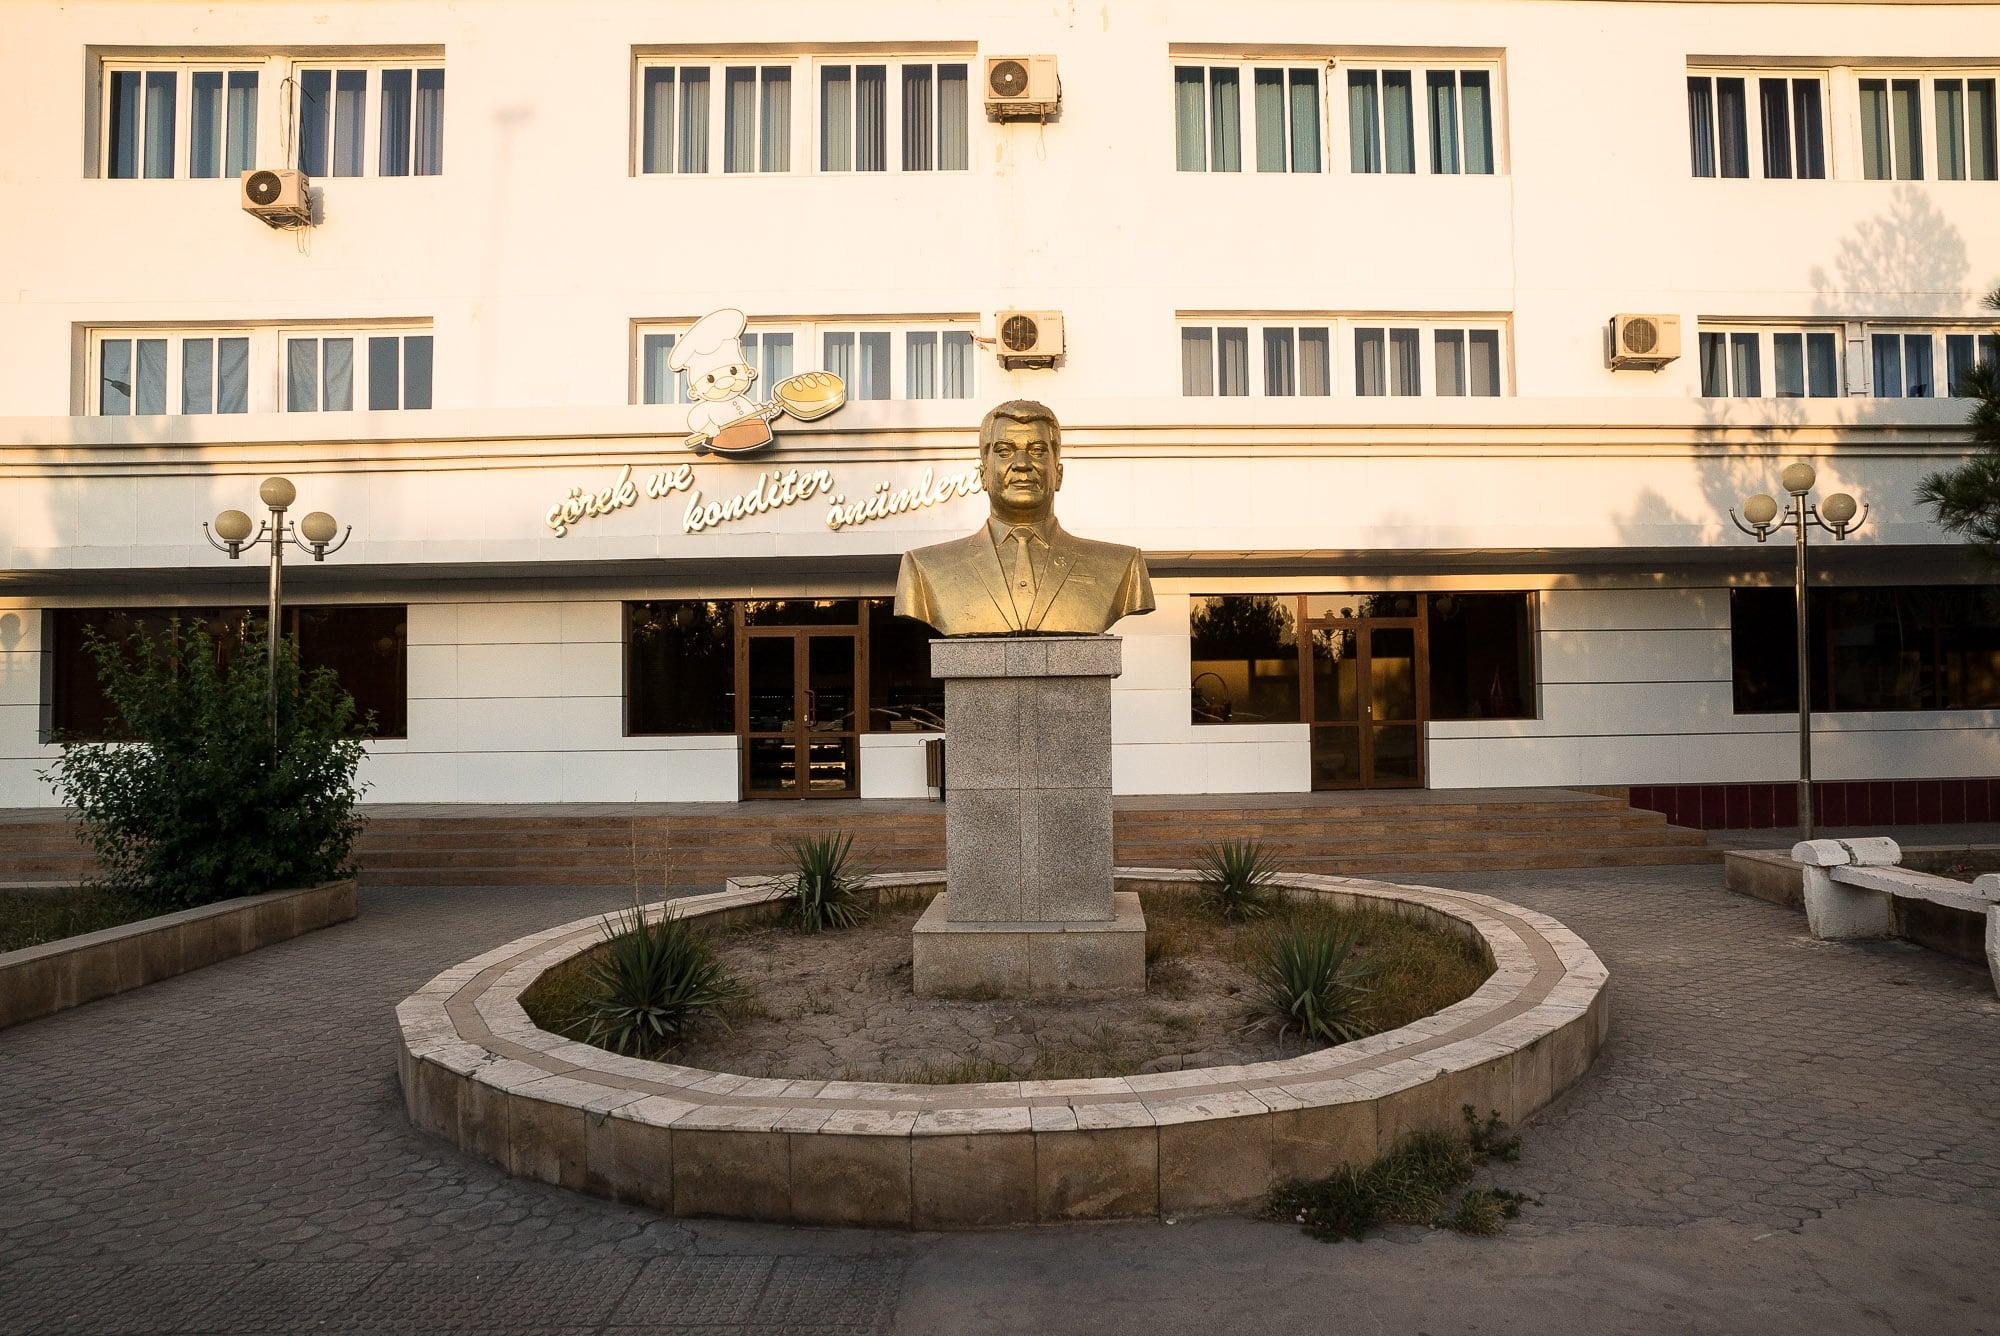 Turkmenbashi monument